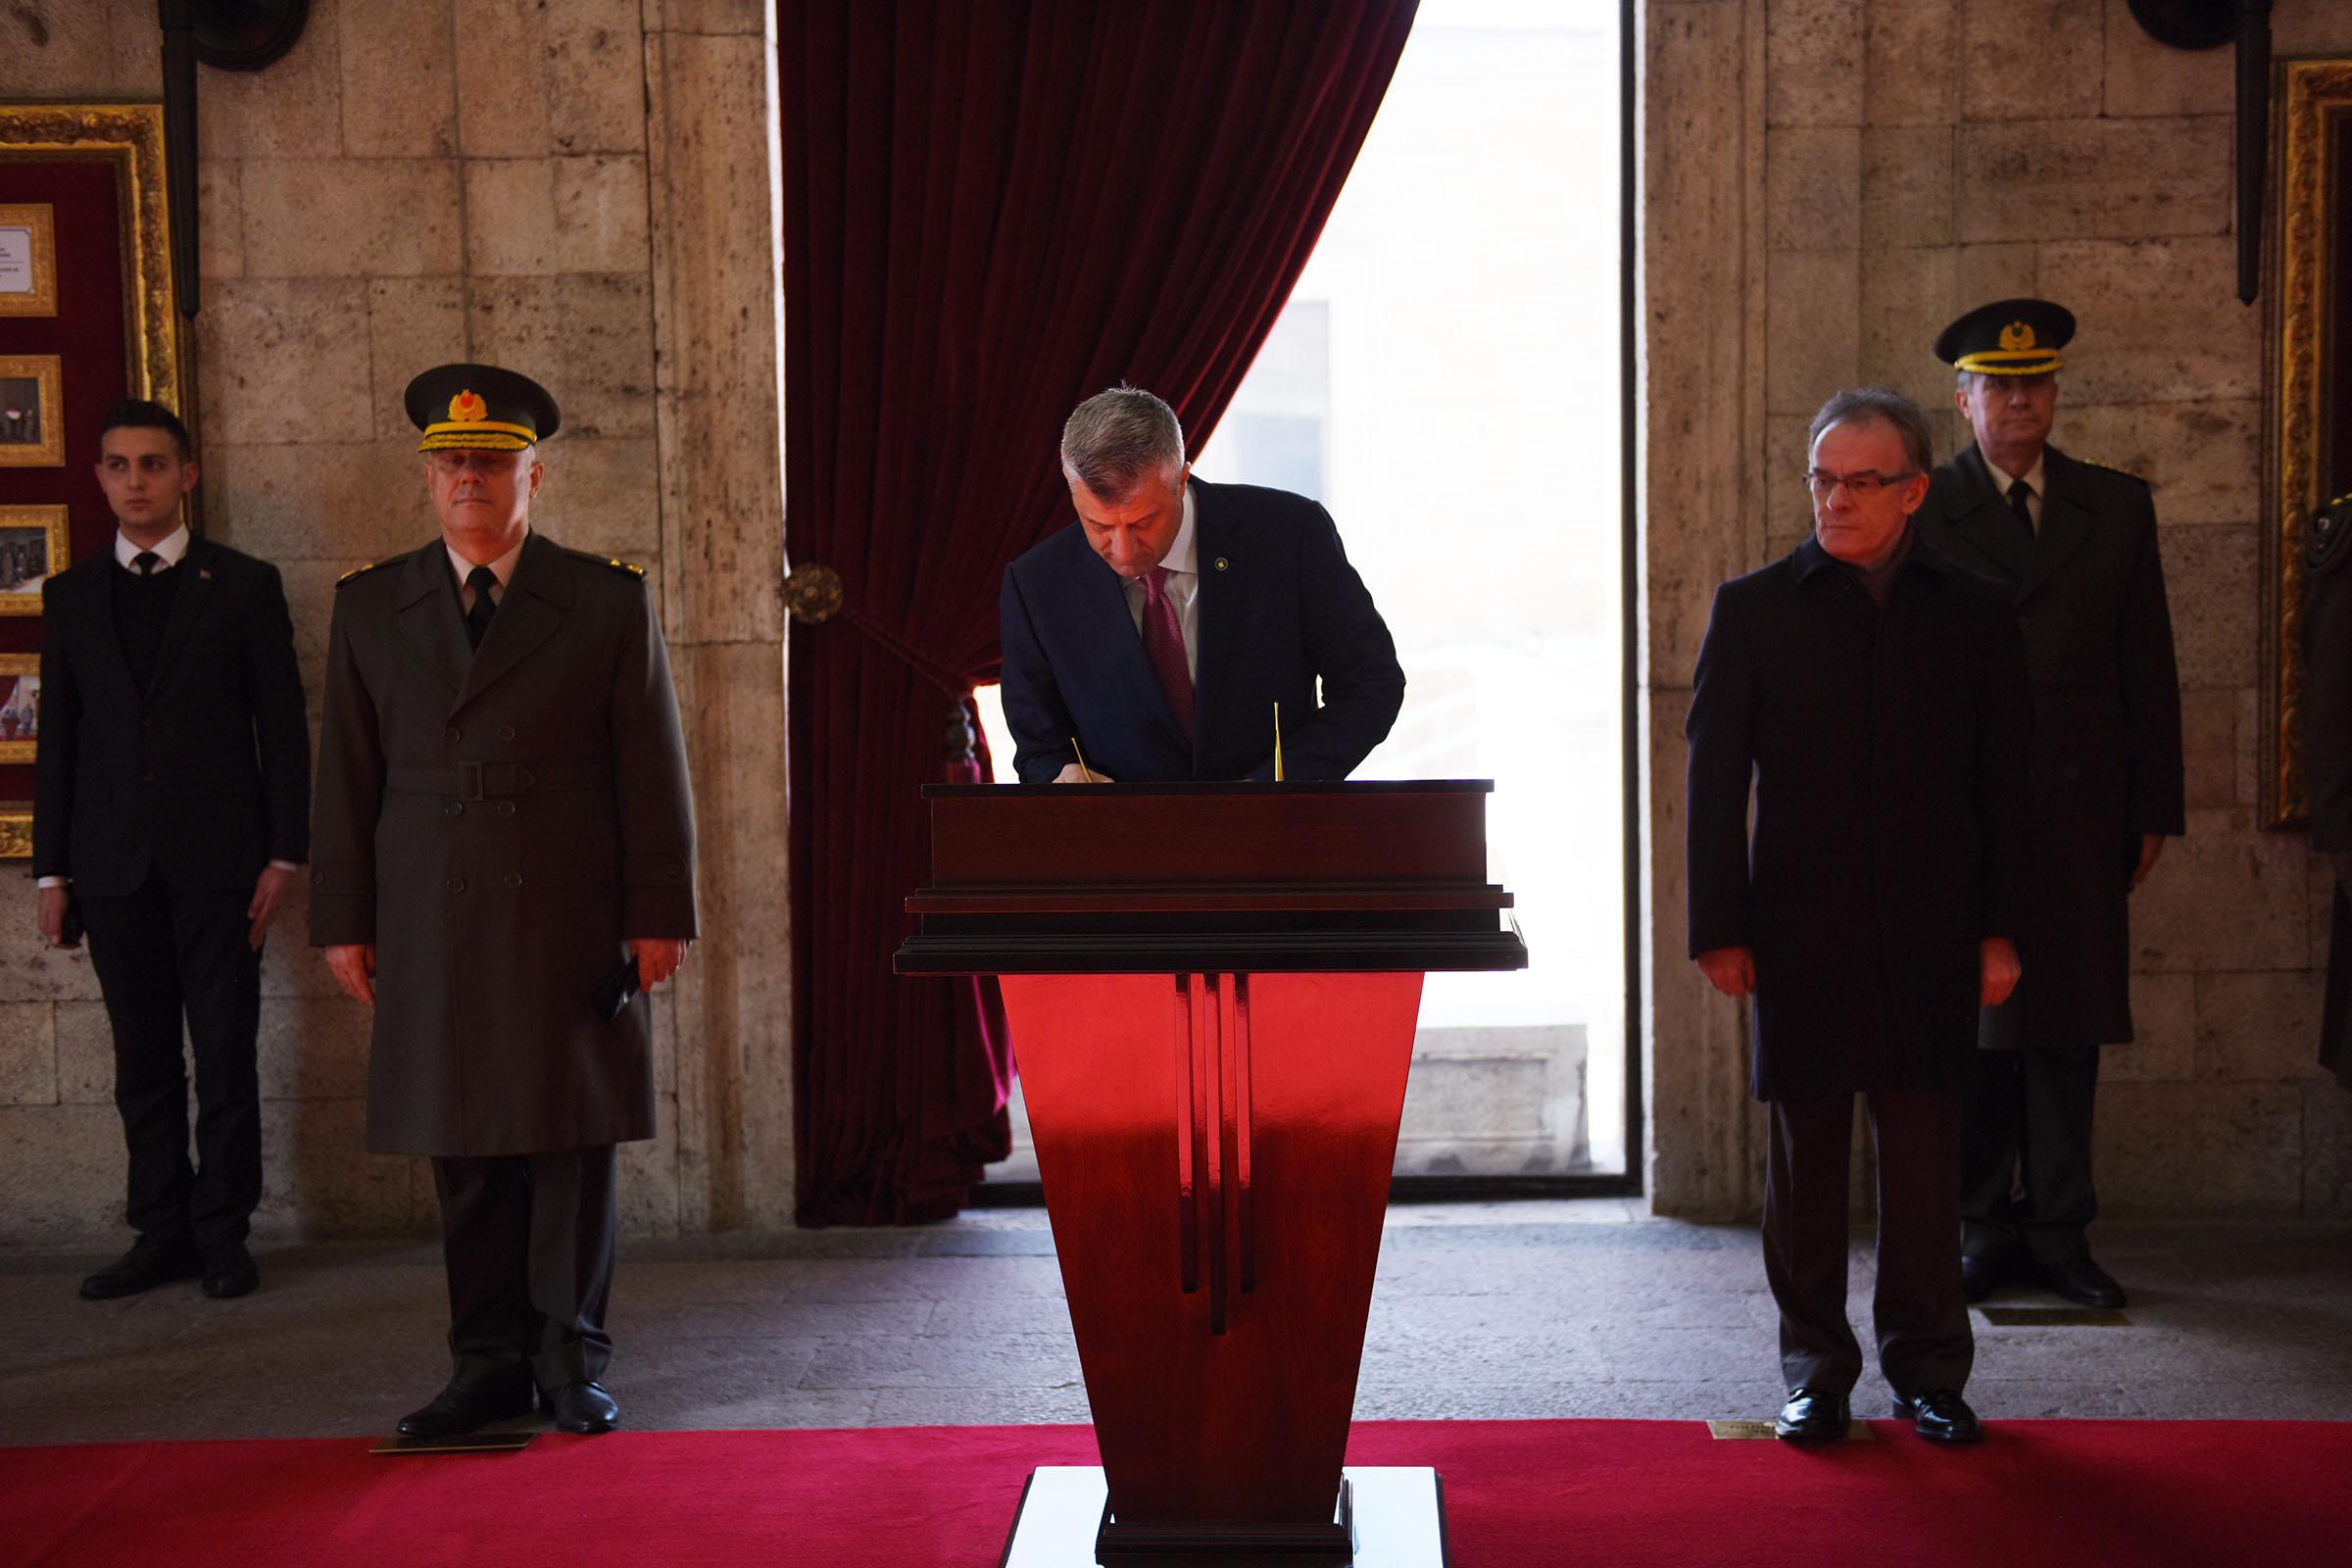 Presidenti Thaçi në Ankara, vlerëson bashkëpunimin strategjik me Turqinë